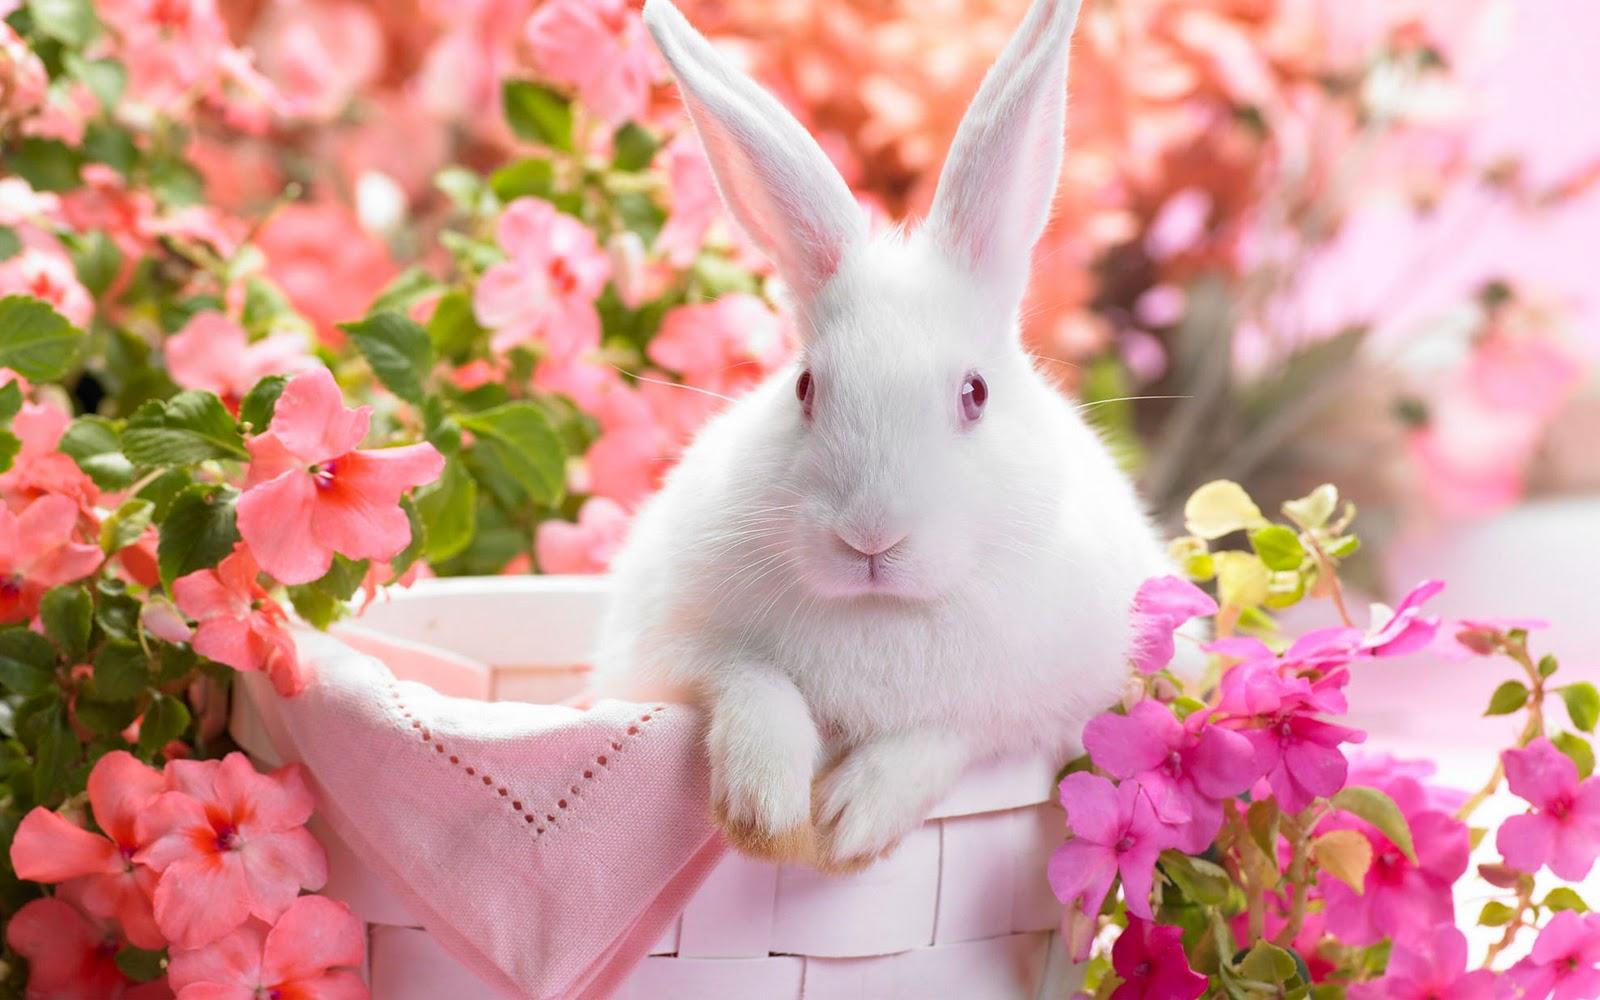 http://4.bp.blogspot.com/-AmrV5t4028A/Toa4_kCvtvI/AAAAAAAAAlE/vpyMg-RZd7o/s1600/Springtime-Hare-wallpaper.jpg